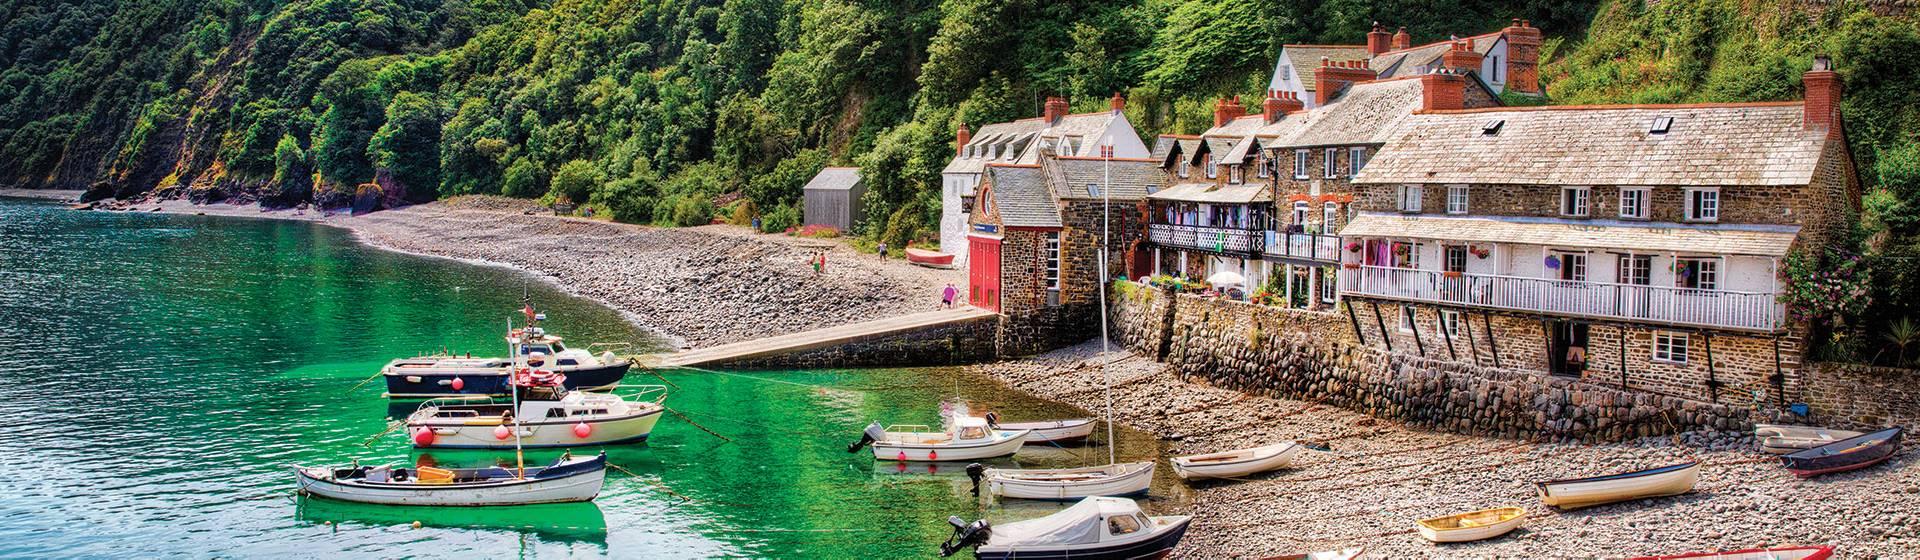 Enchanting Devon, Ilfracombe, Woolacombe & Cruise